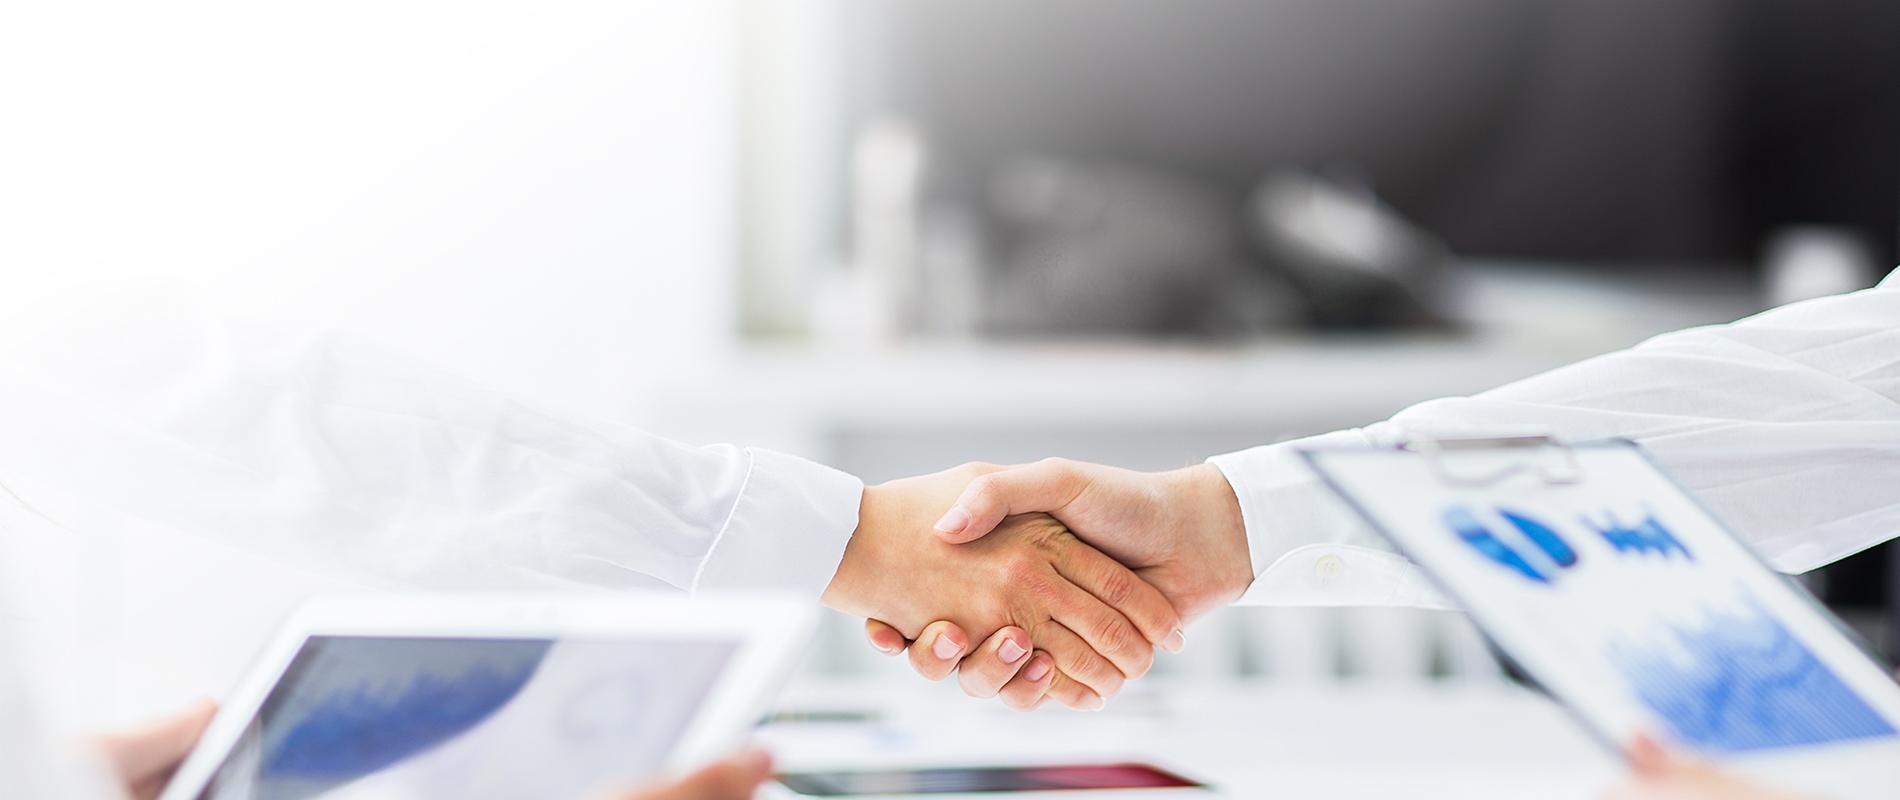 私たちウェル・ビーイングは健康保険組合の問題解決パートナーです